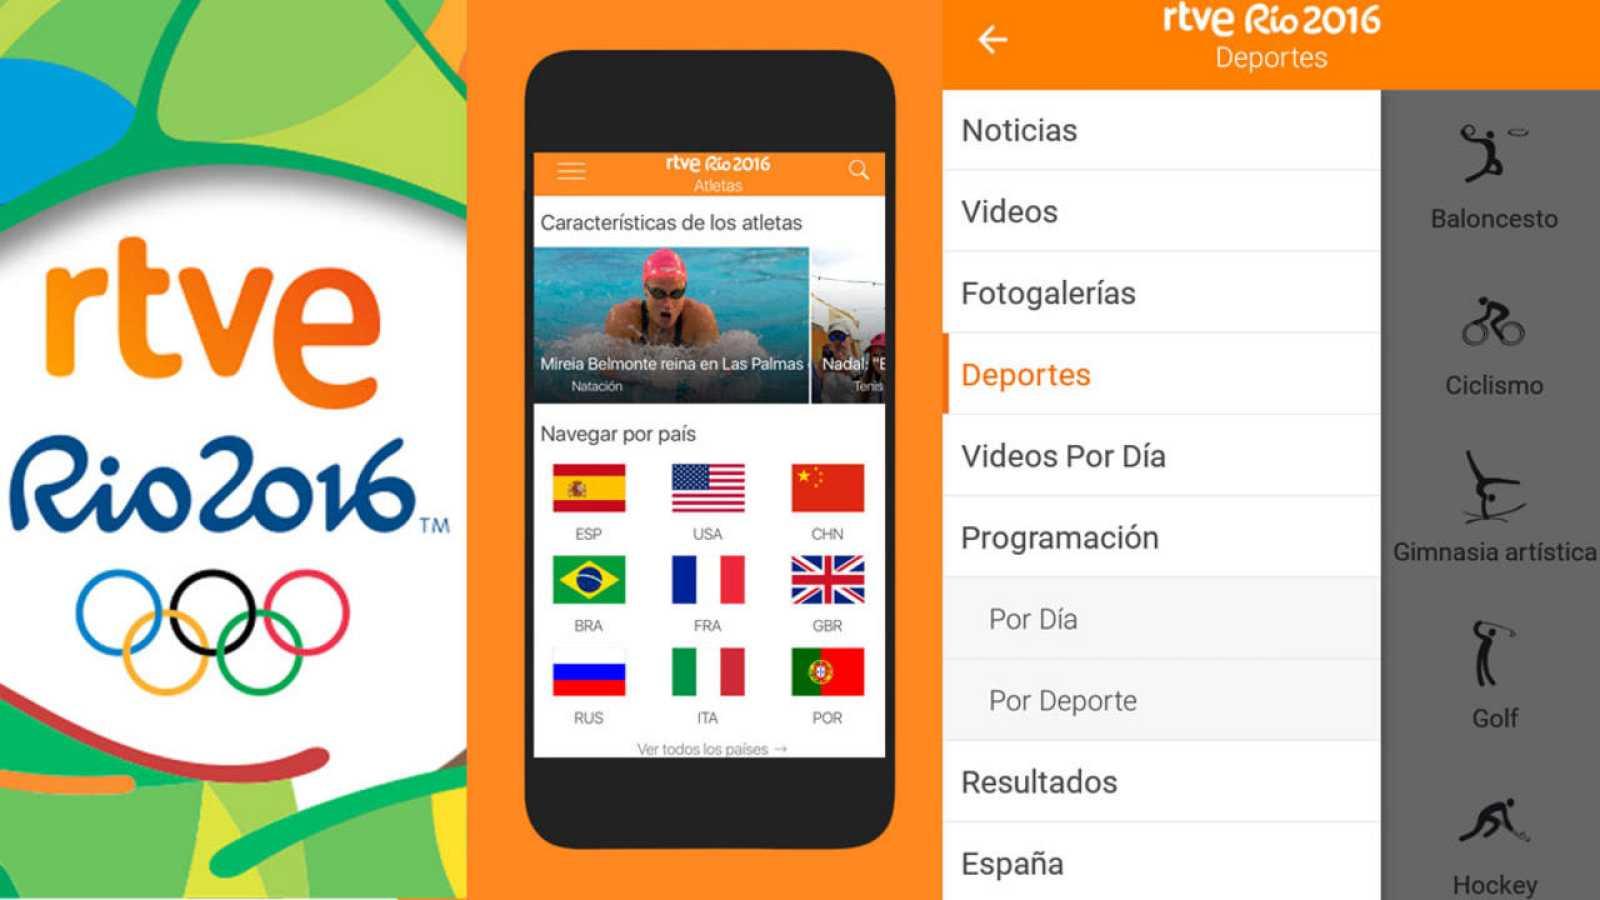 App RTVE Río 2016: 19 señales, calendario, medallero y todas las noticias